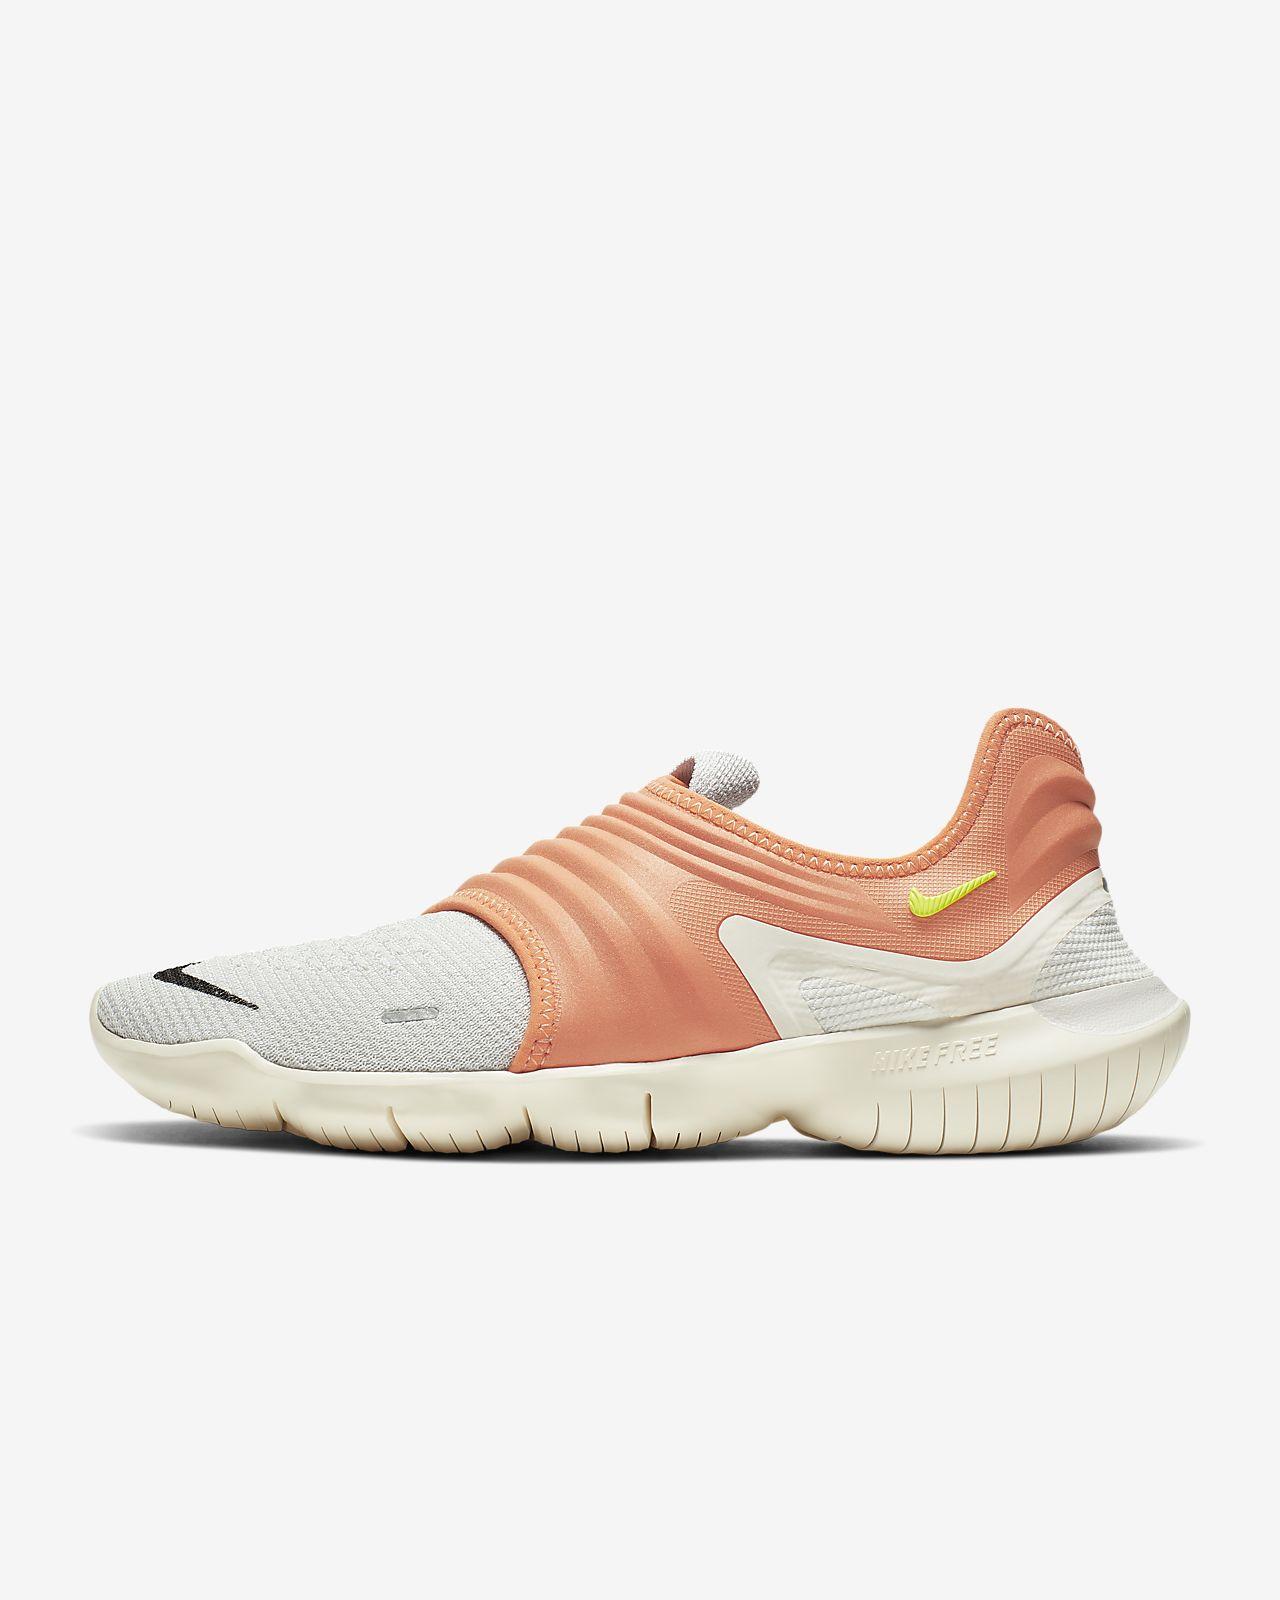 Ανδρικό παπούτσι για τρέξιμο Nike Free RN Flyknit 3.0 NRG